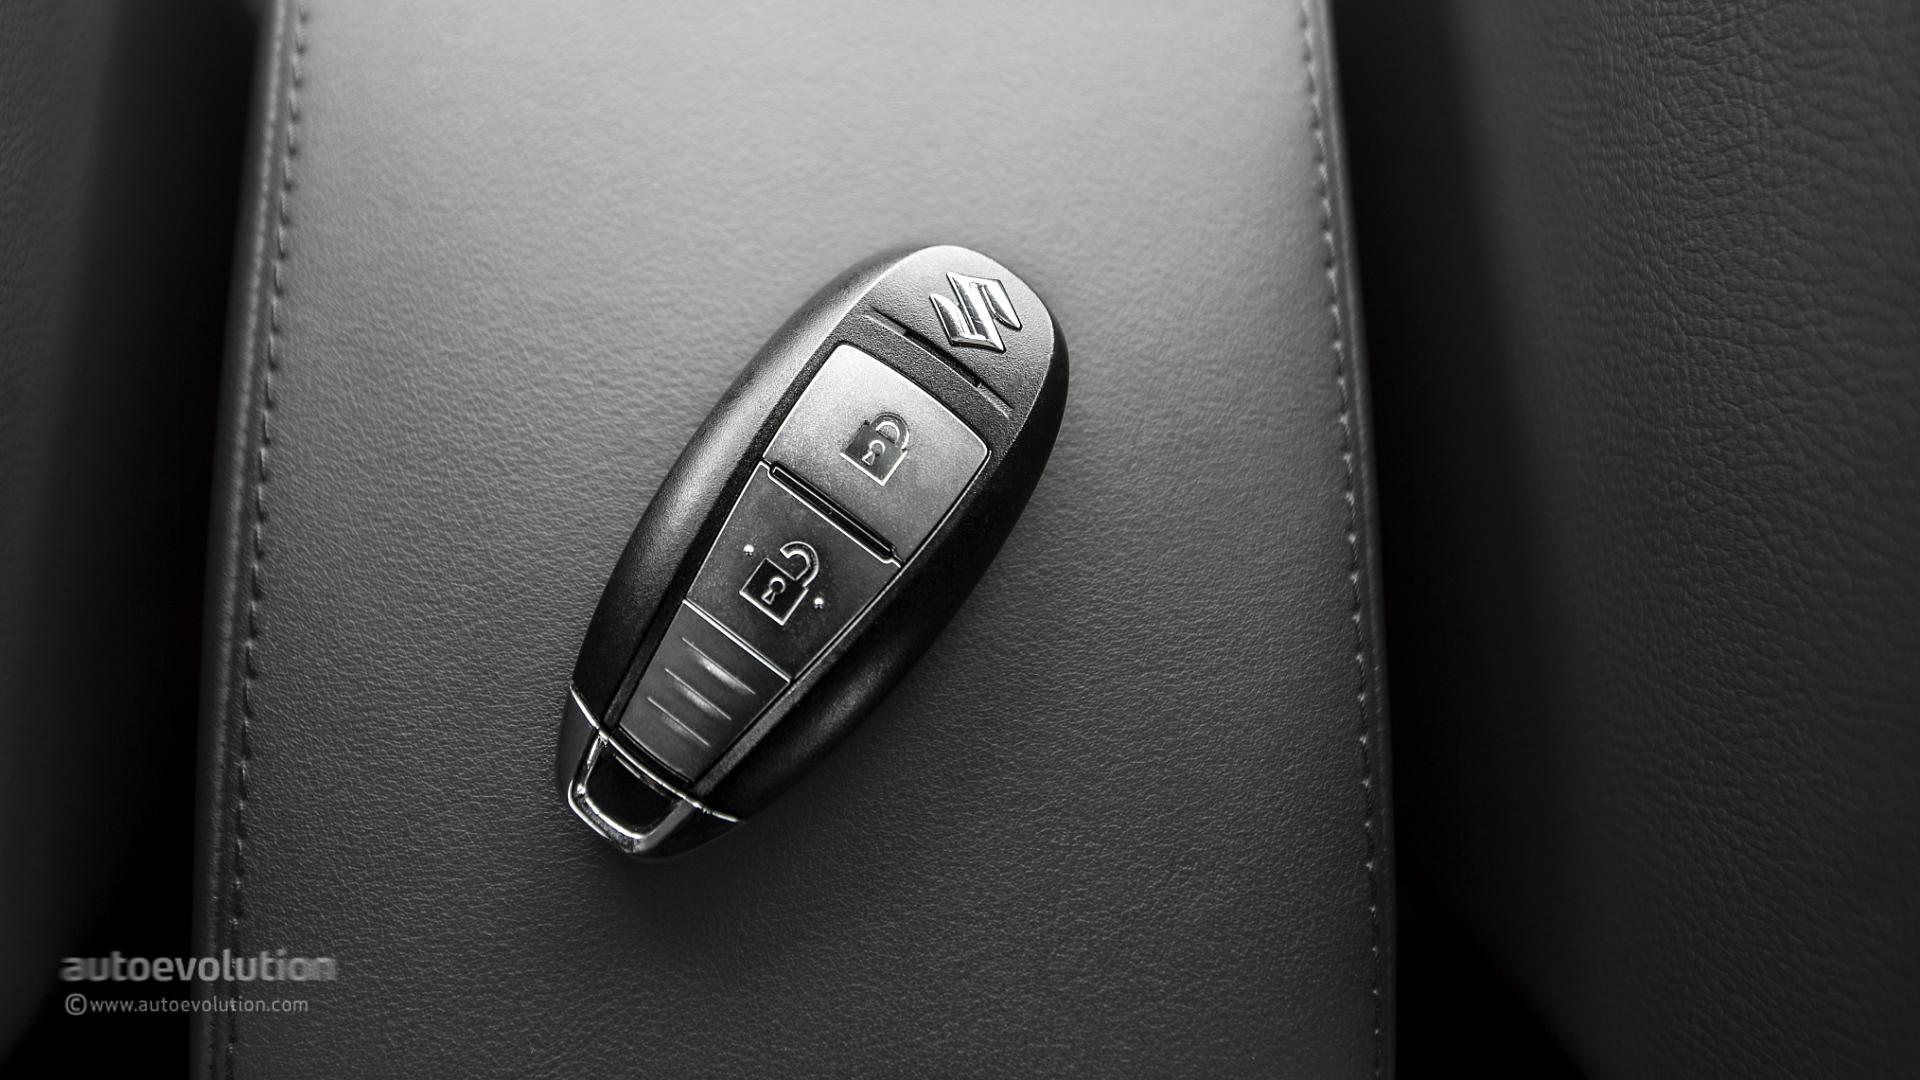 Suzuki sx4 s cross hd wallpapers autoevolution - Car key wallpaper ...